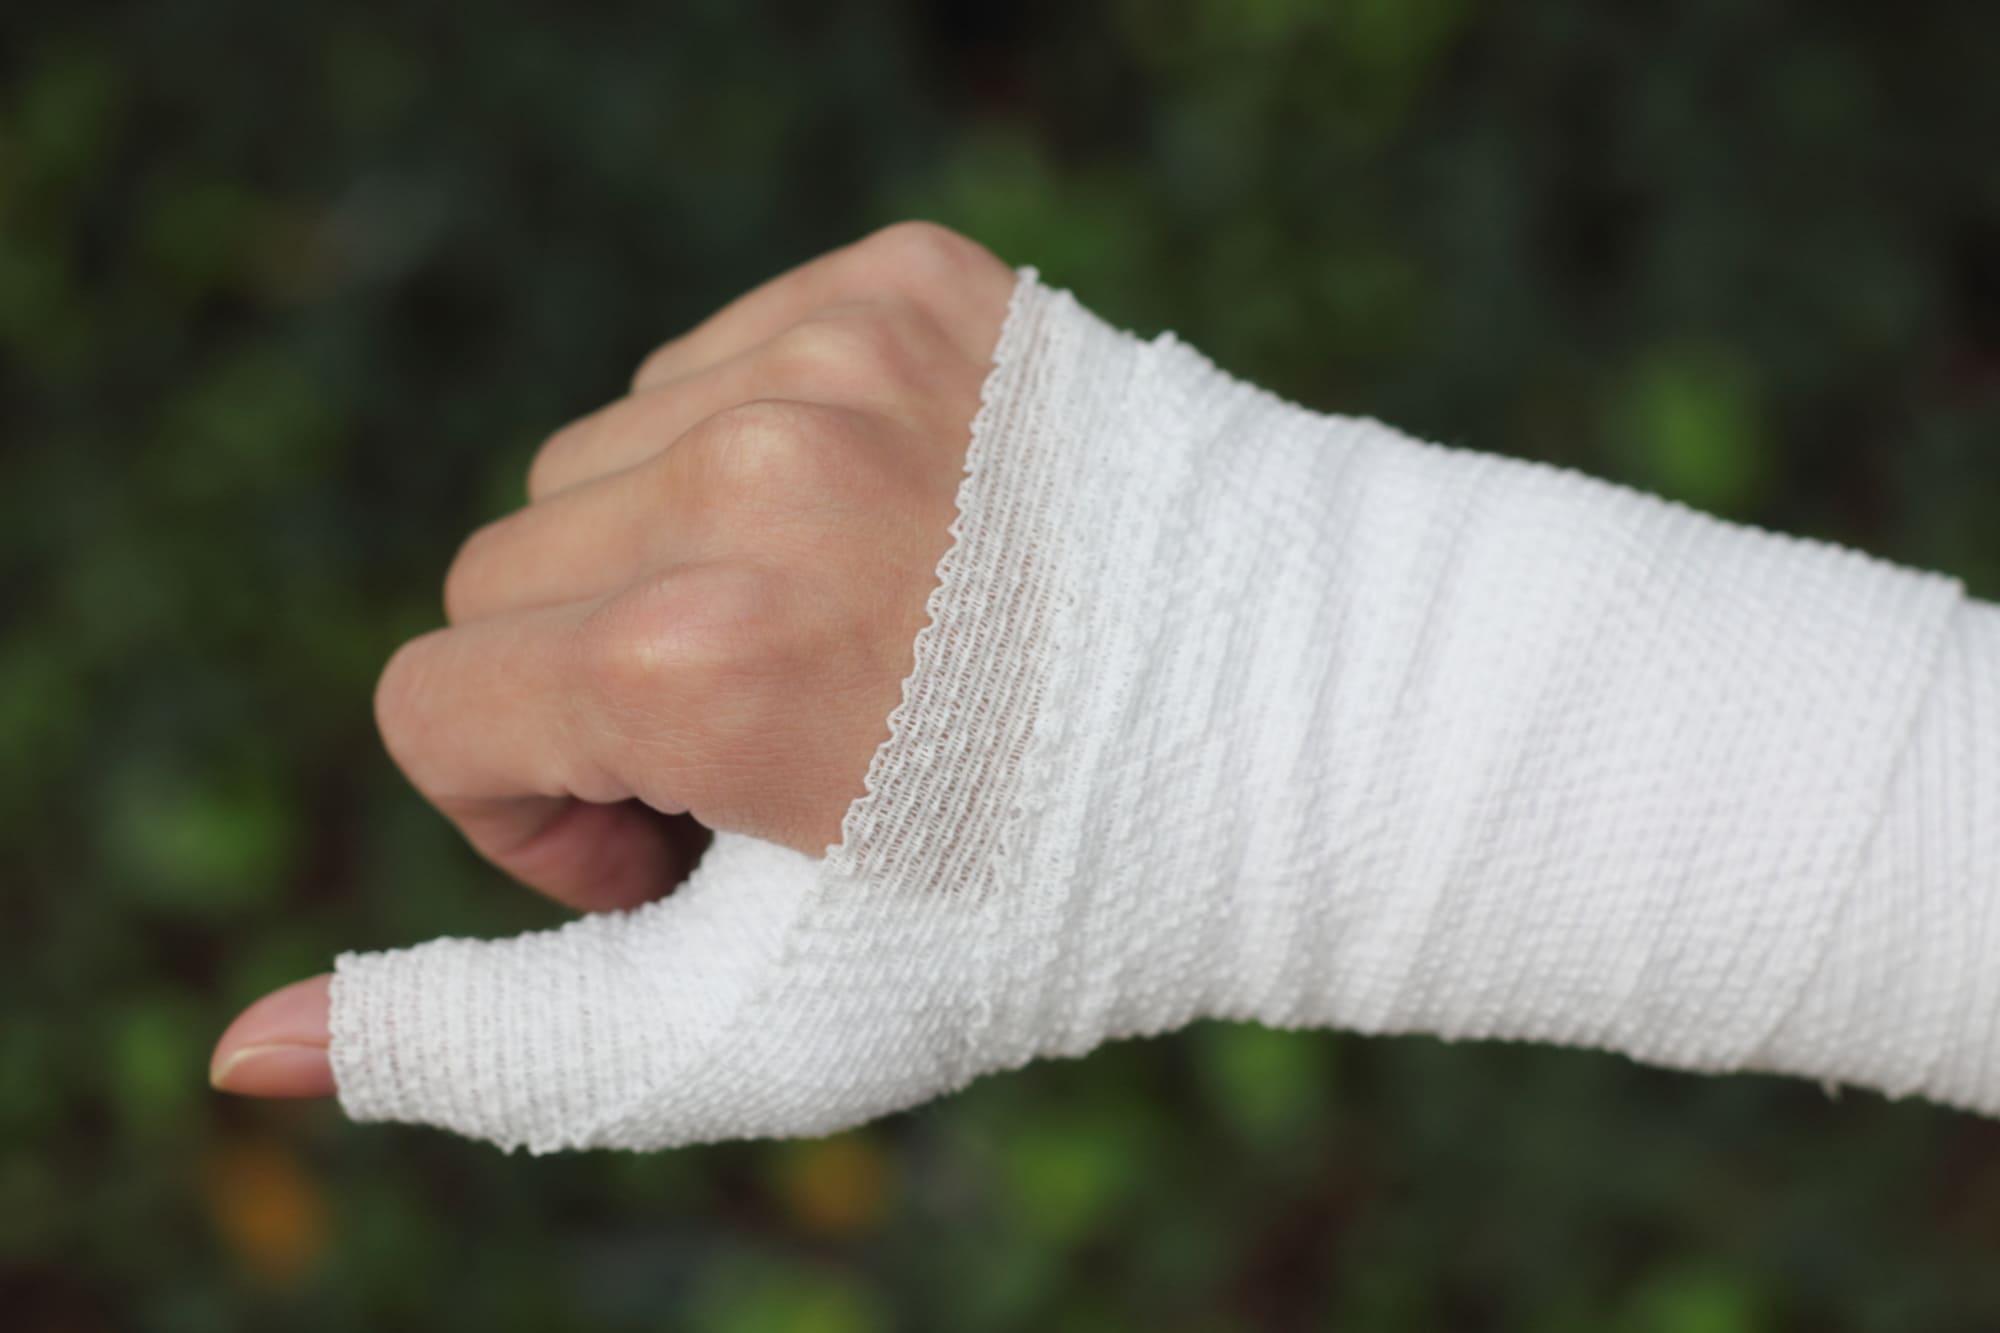 右手親指骨折のため包帯を巻く写真